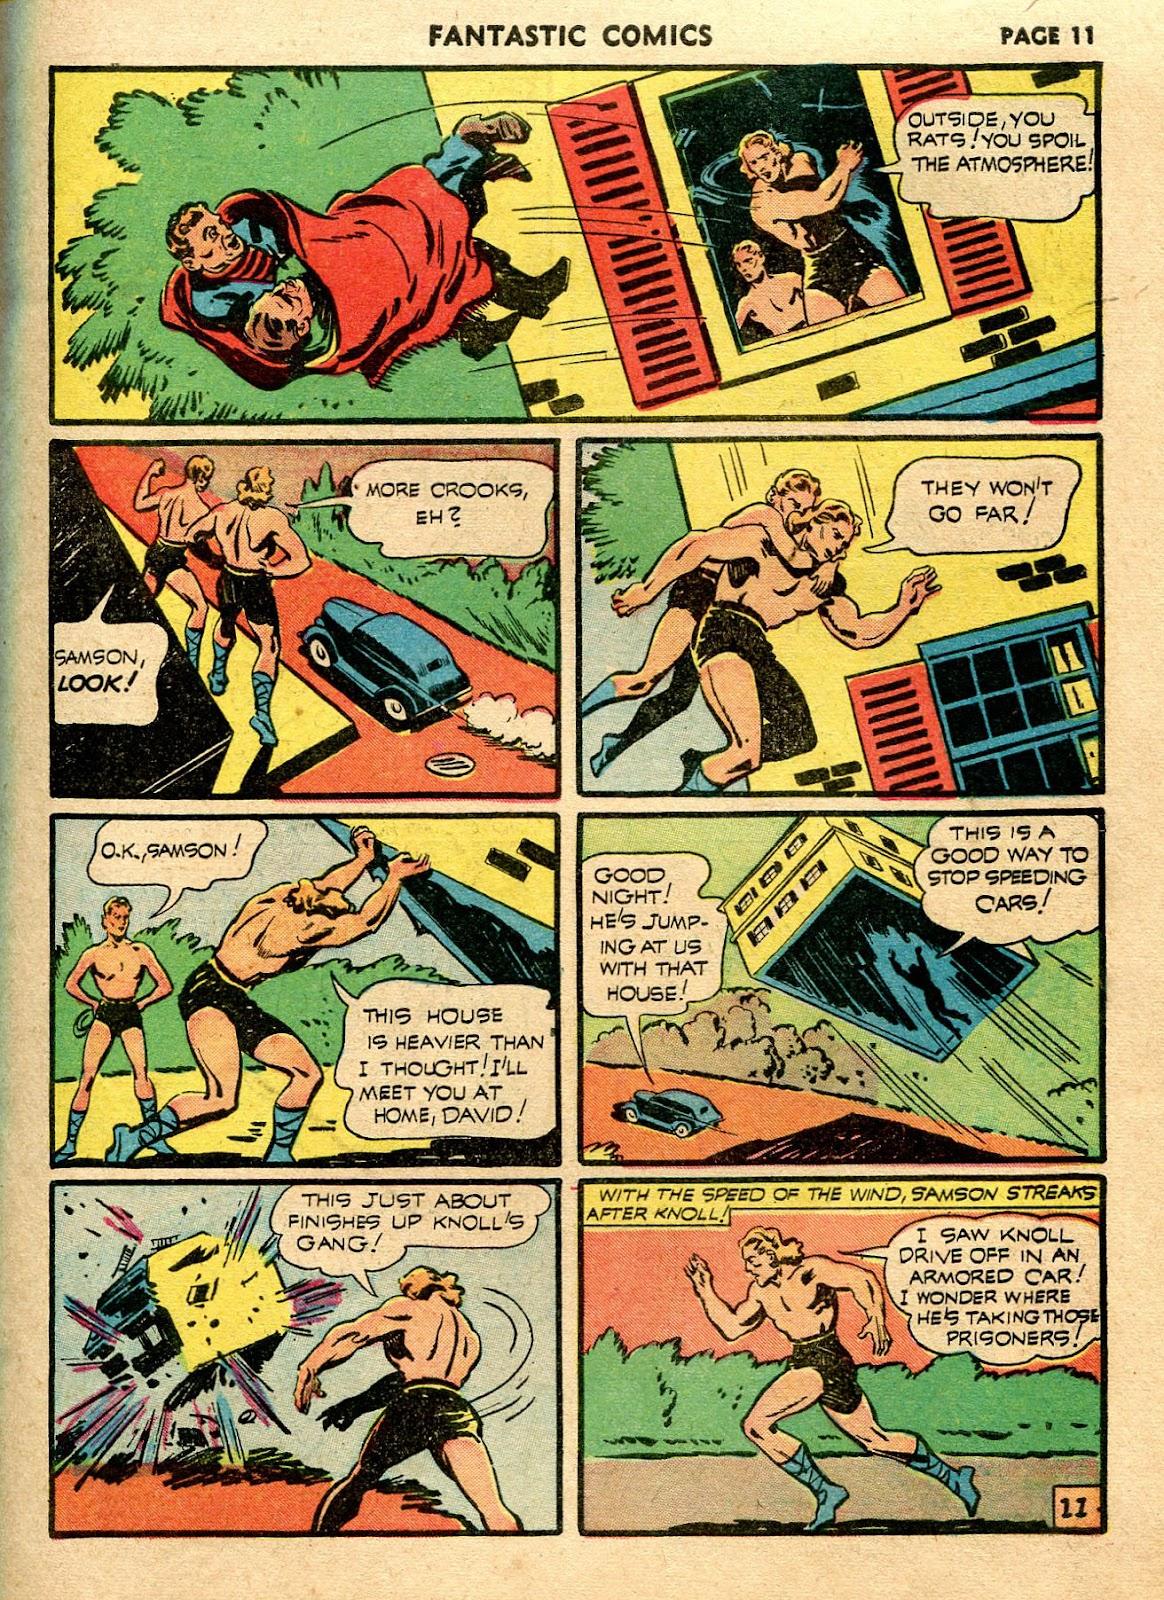 Read online Fantastic Comics comic -  Issue #21 - 13